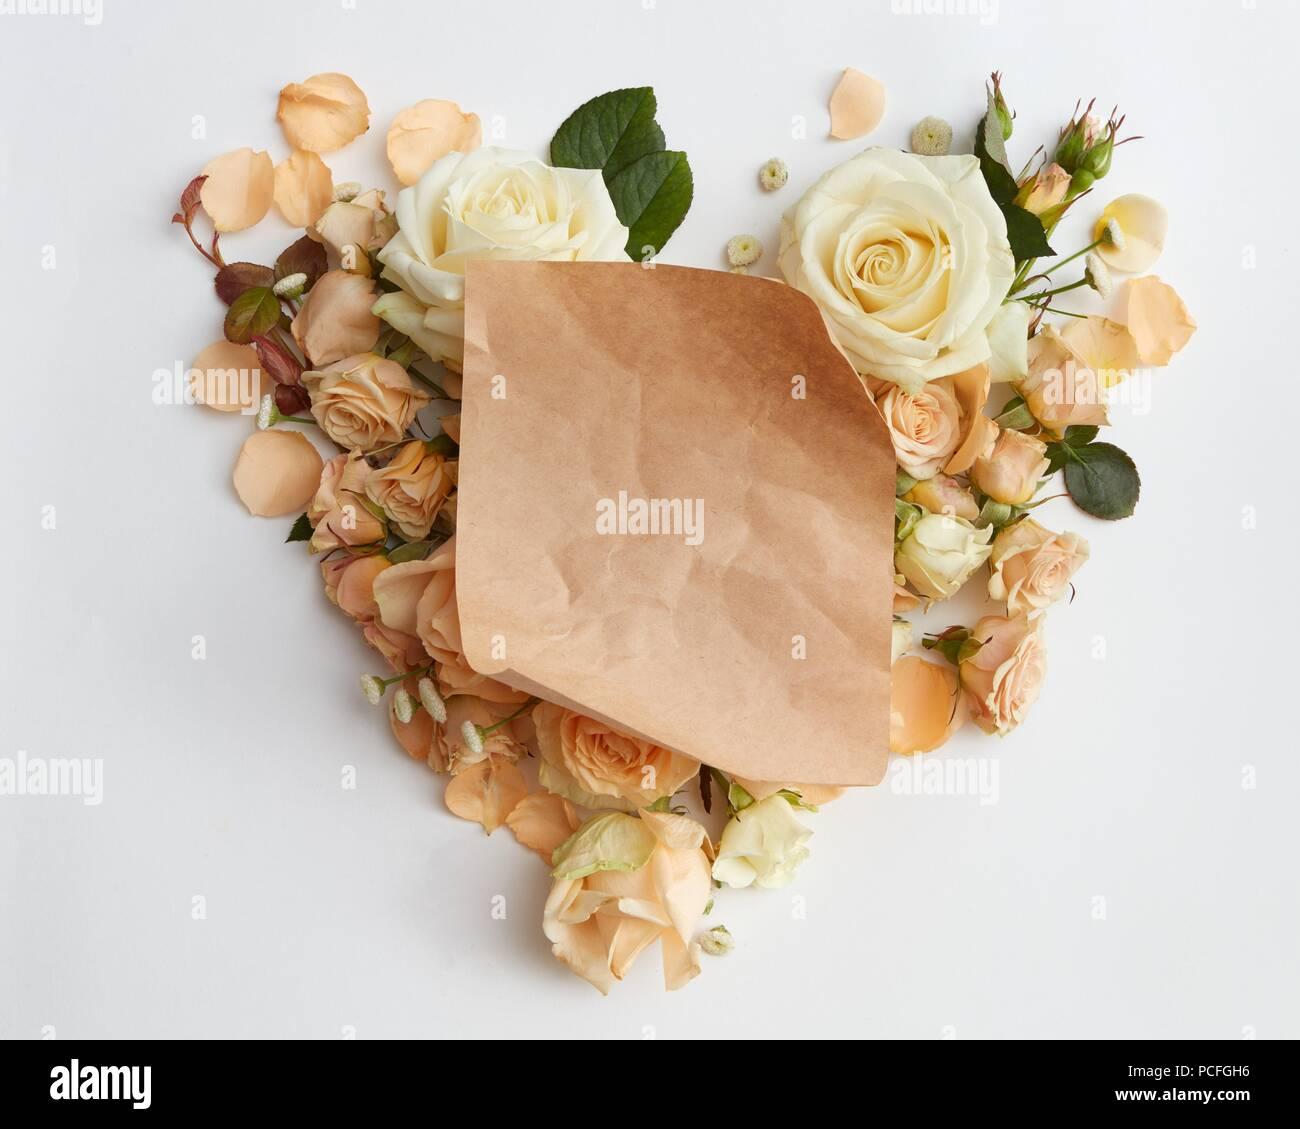 Anniversario Di Matrimonio Romantico.Romantico Lettera D Amore Anniversario Di Matrimonio Foto